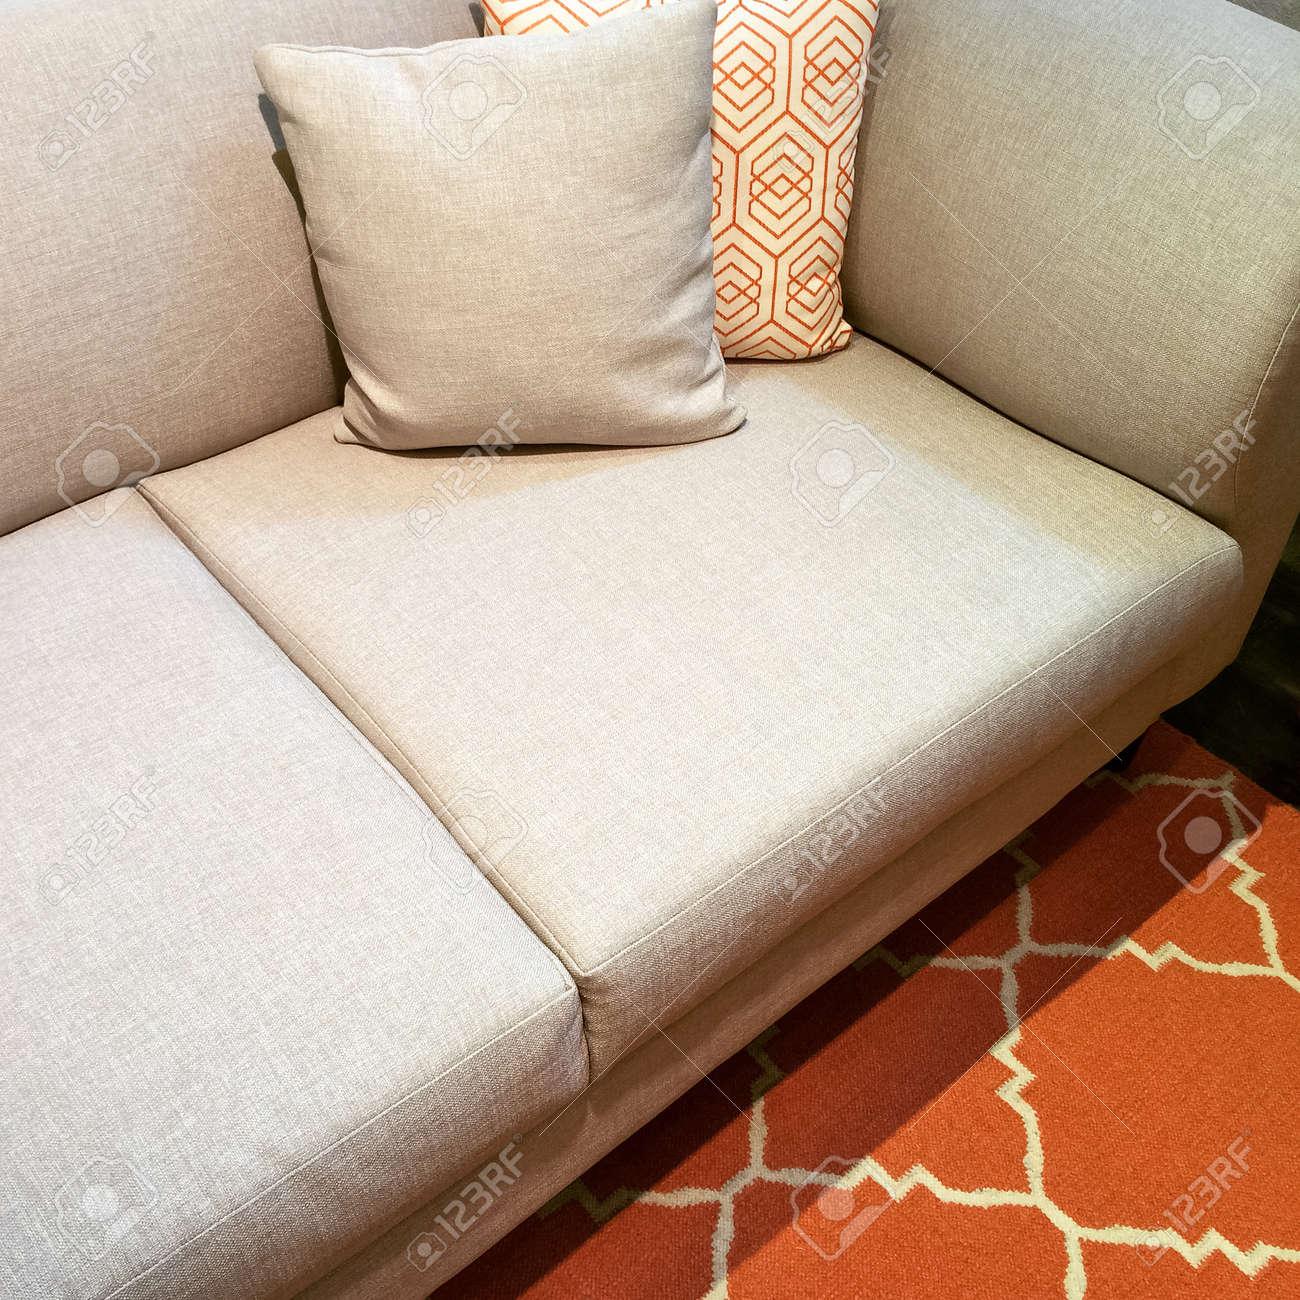 canape gris confortable avec des coussins sur le tapis orange